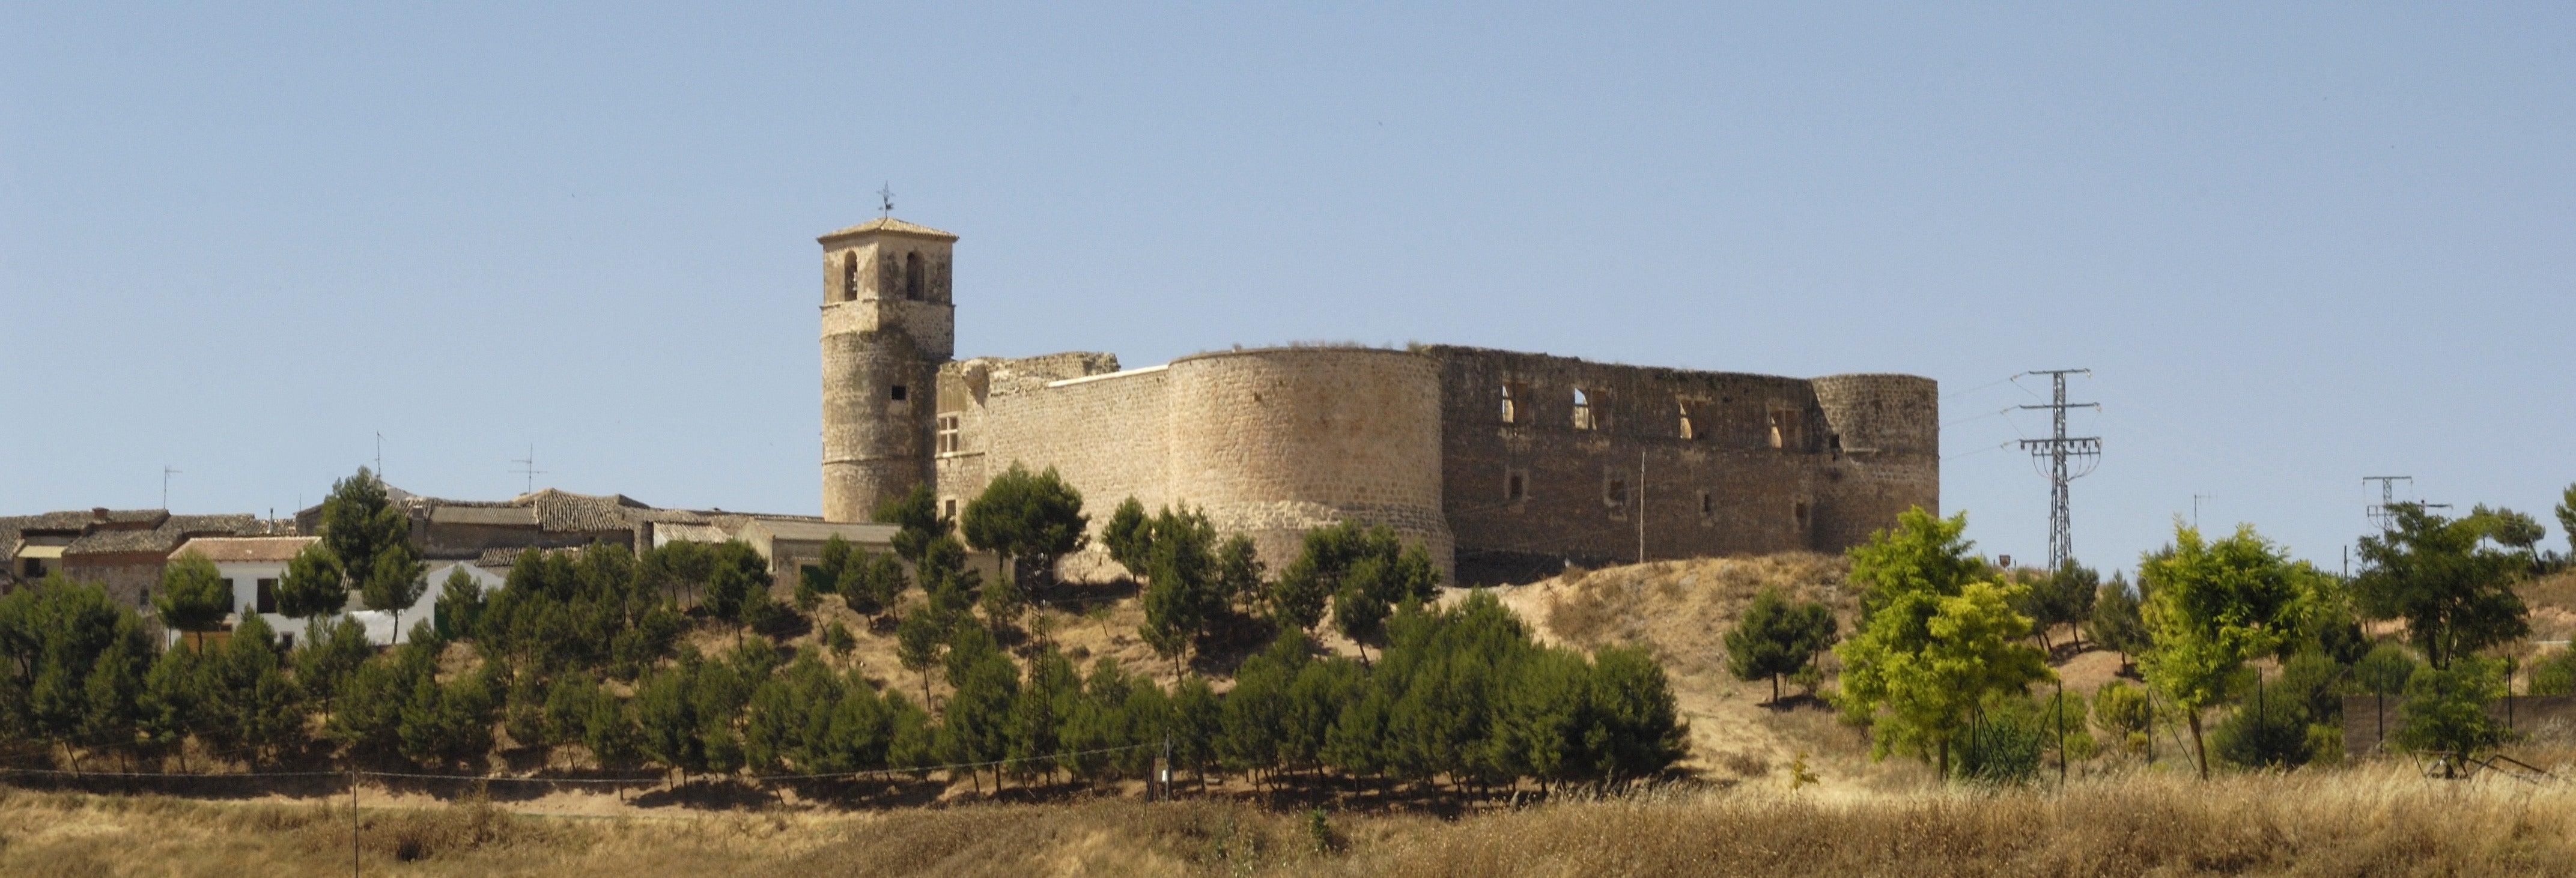 Biglietti per la fortezza di Castillo de Garcimuñoz